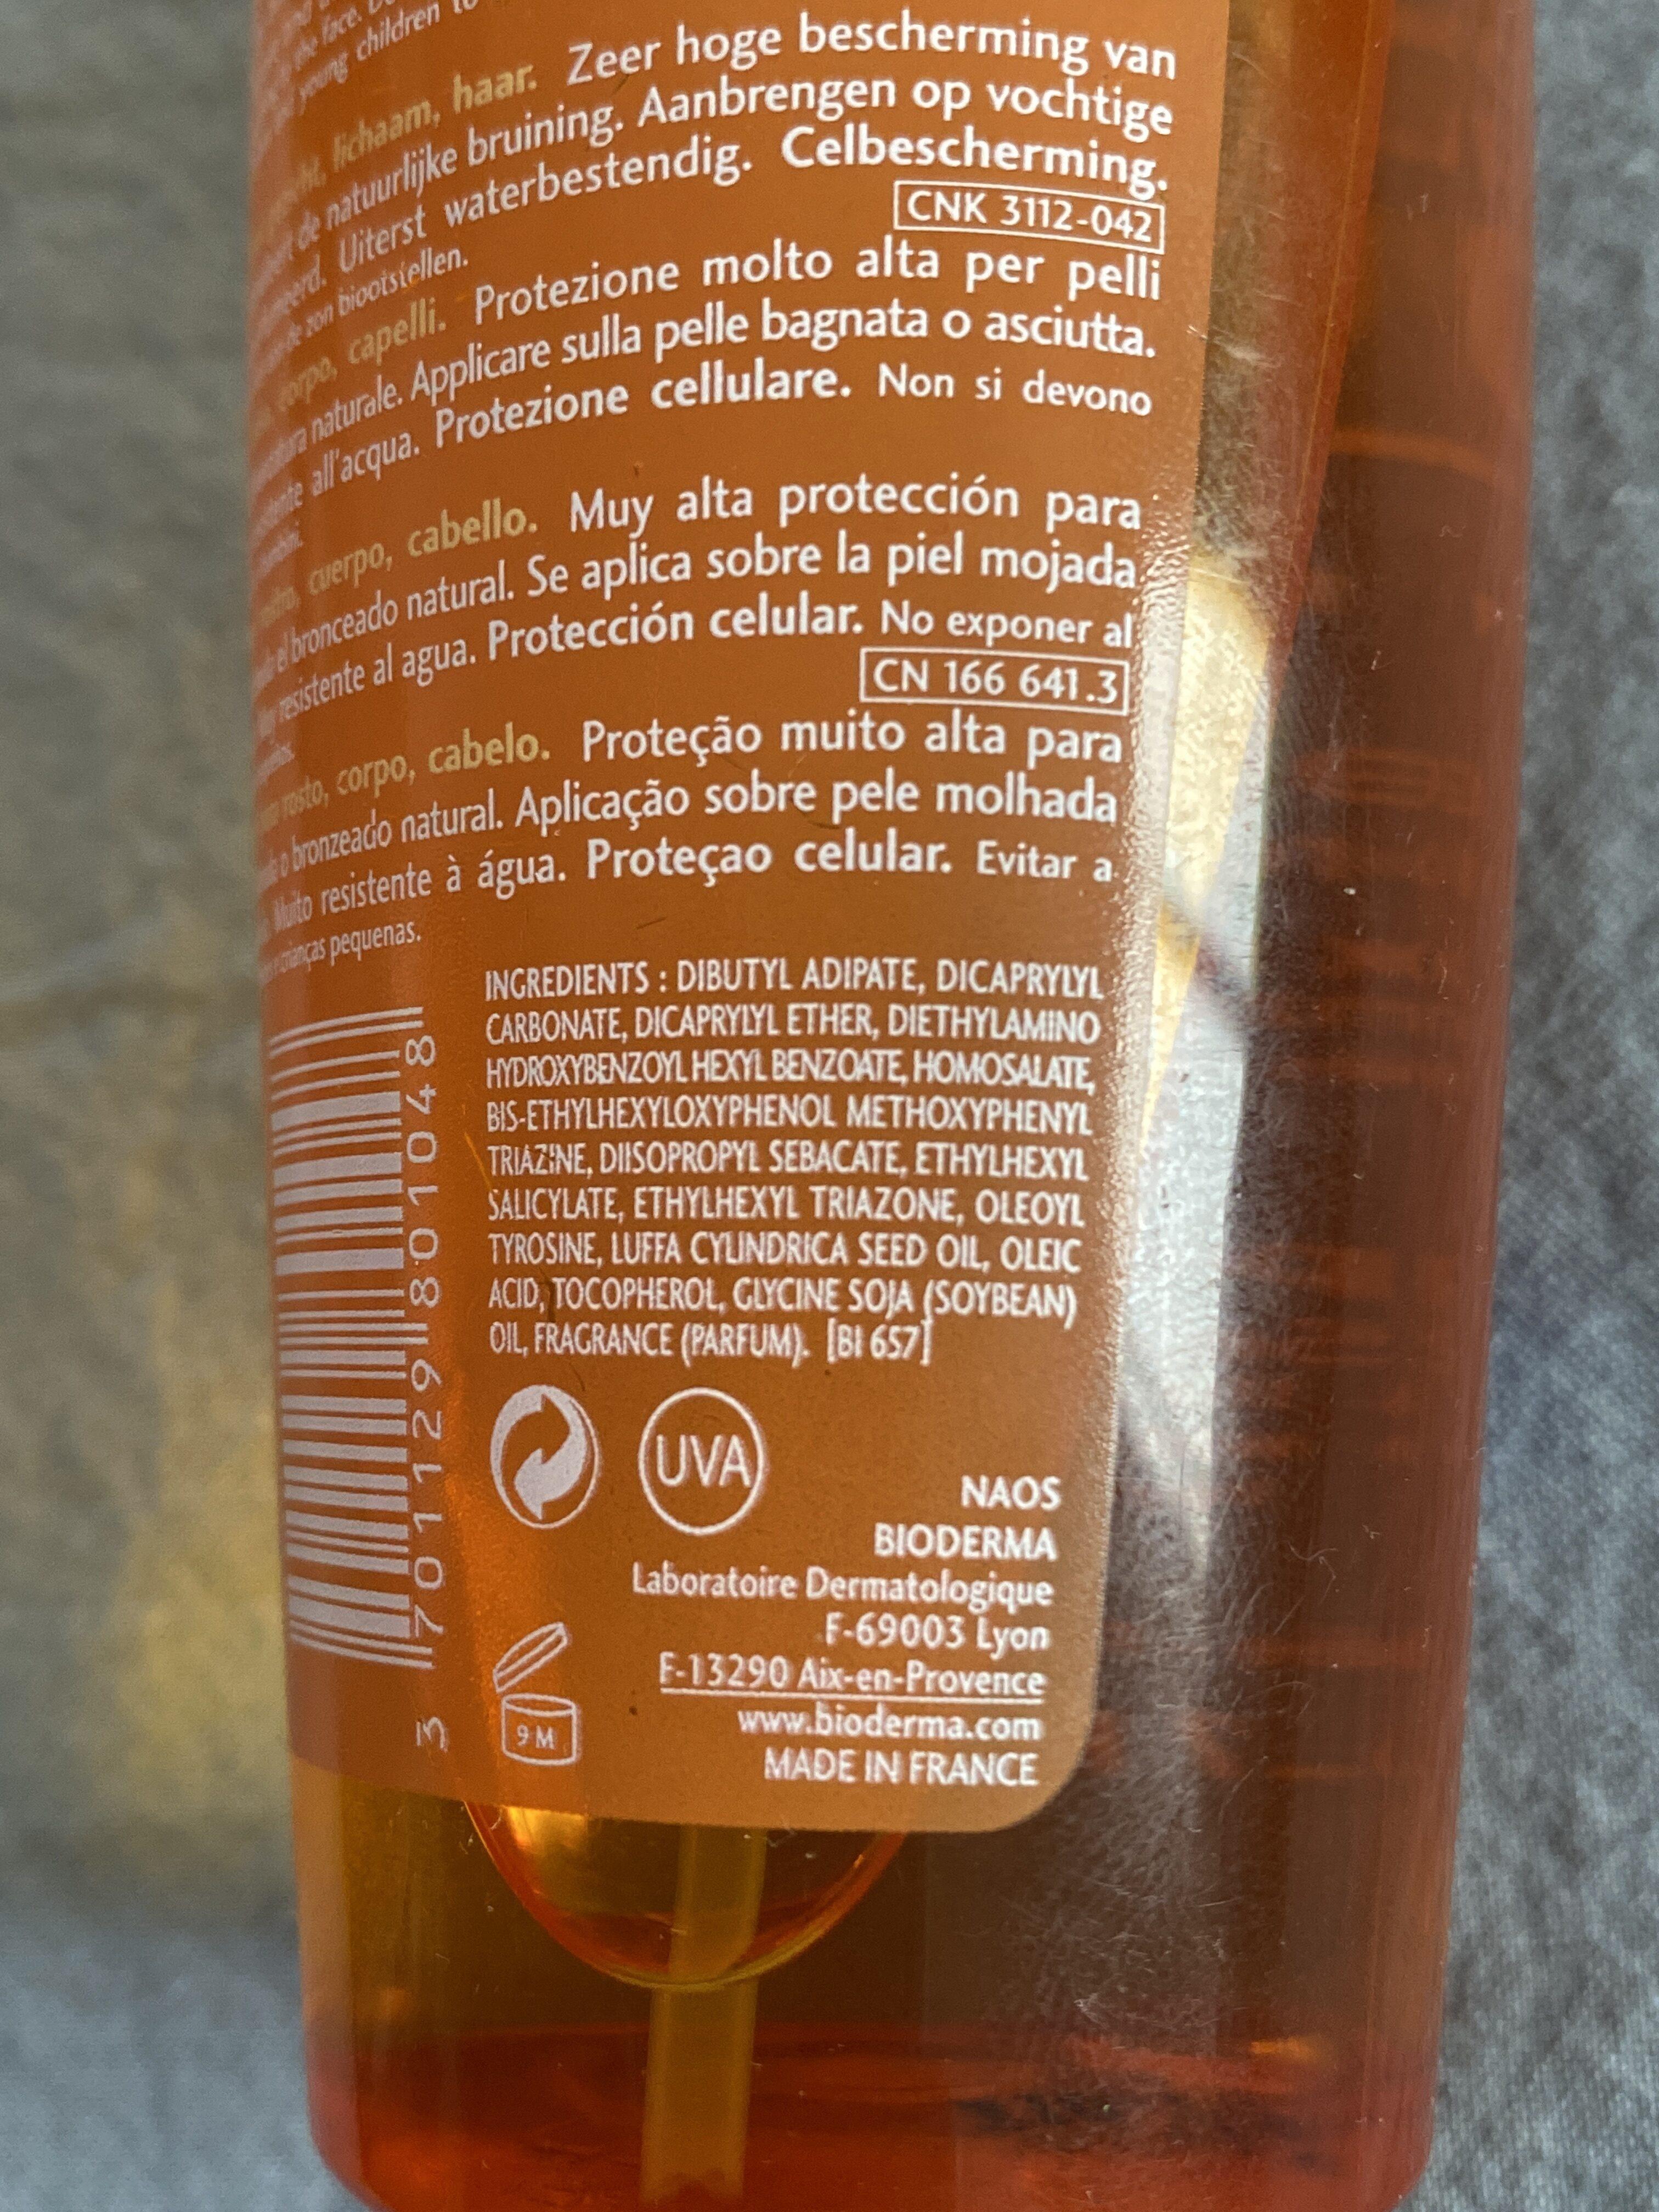 Photoderm bronz spf 50+ - Ingredients - fr